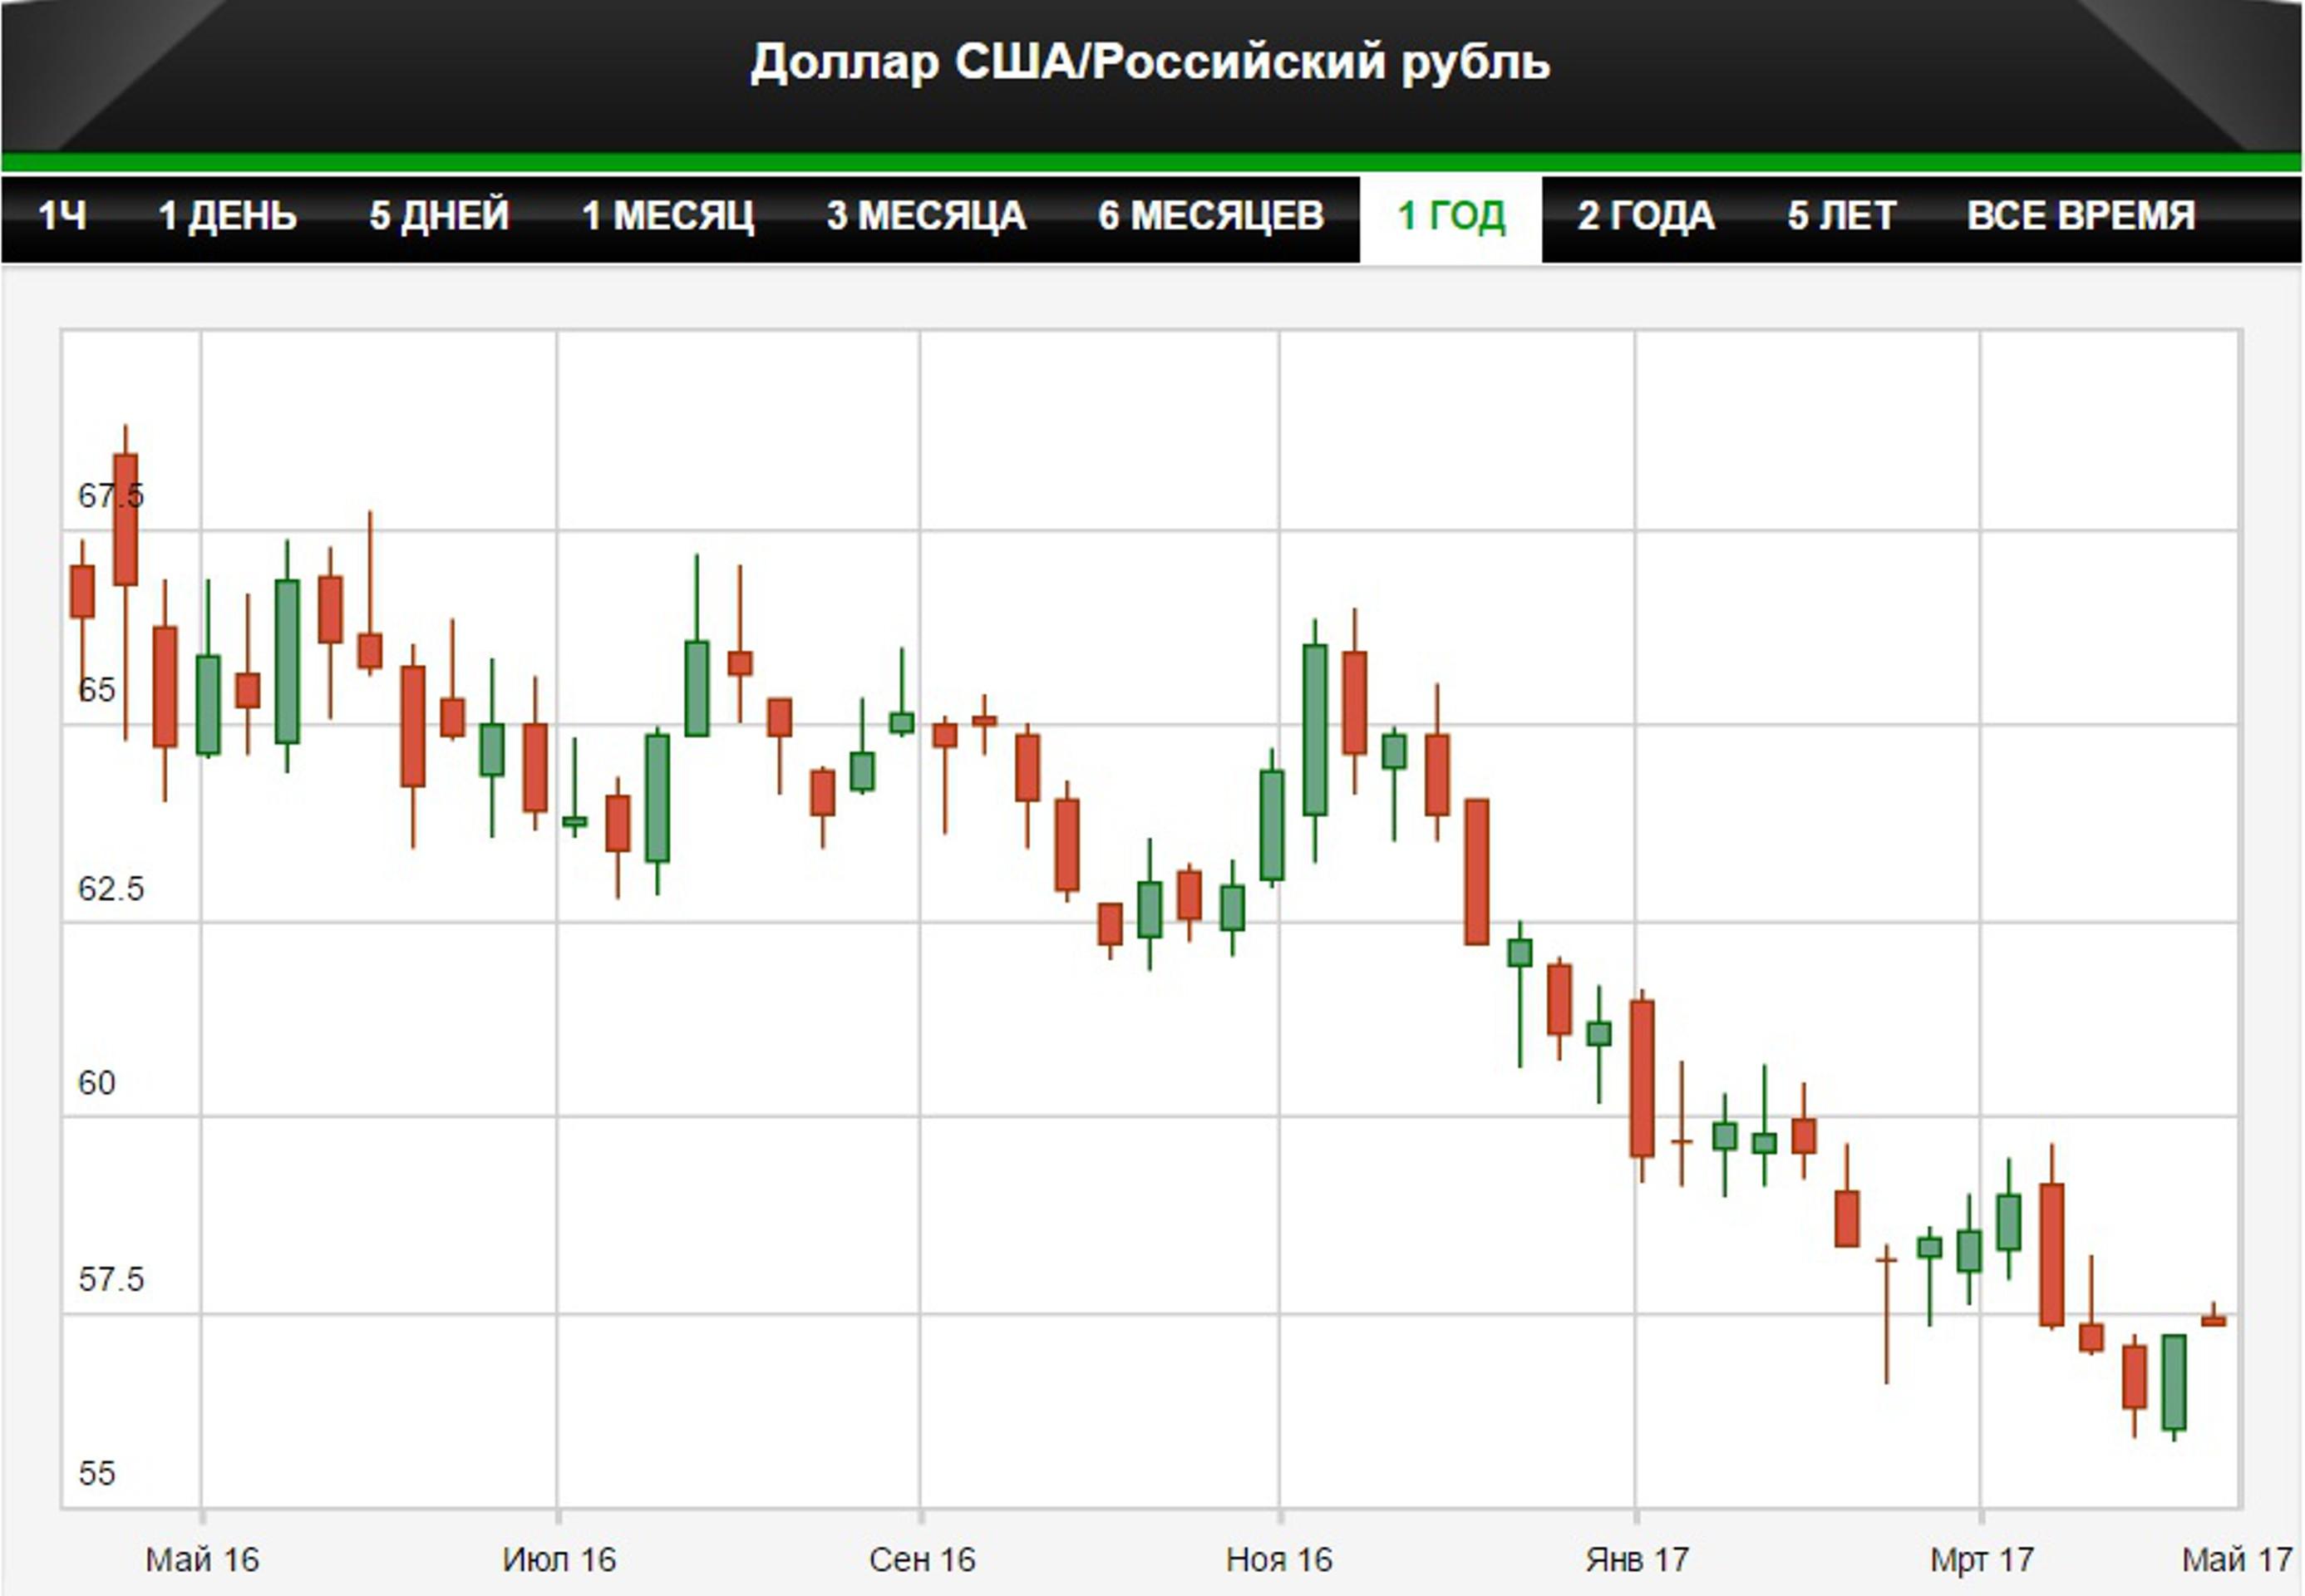 Ослабление рубля поможет росту экономики РФ